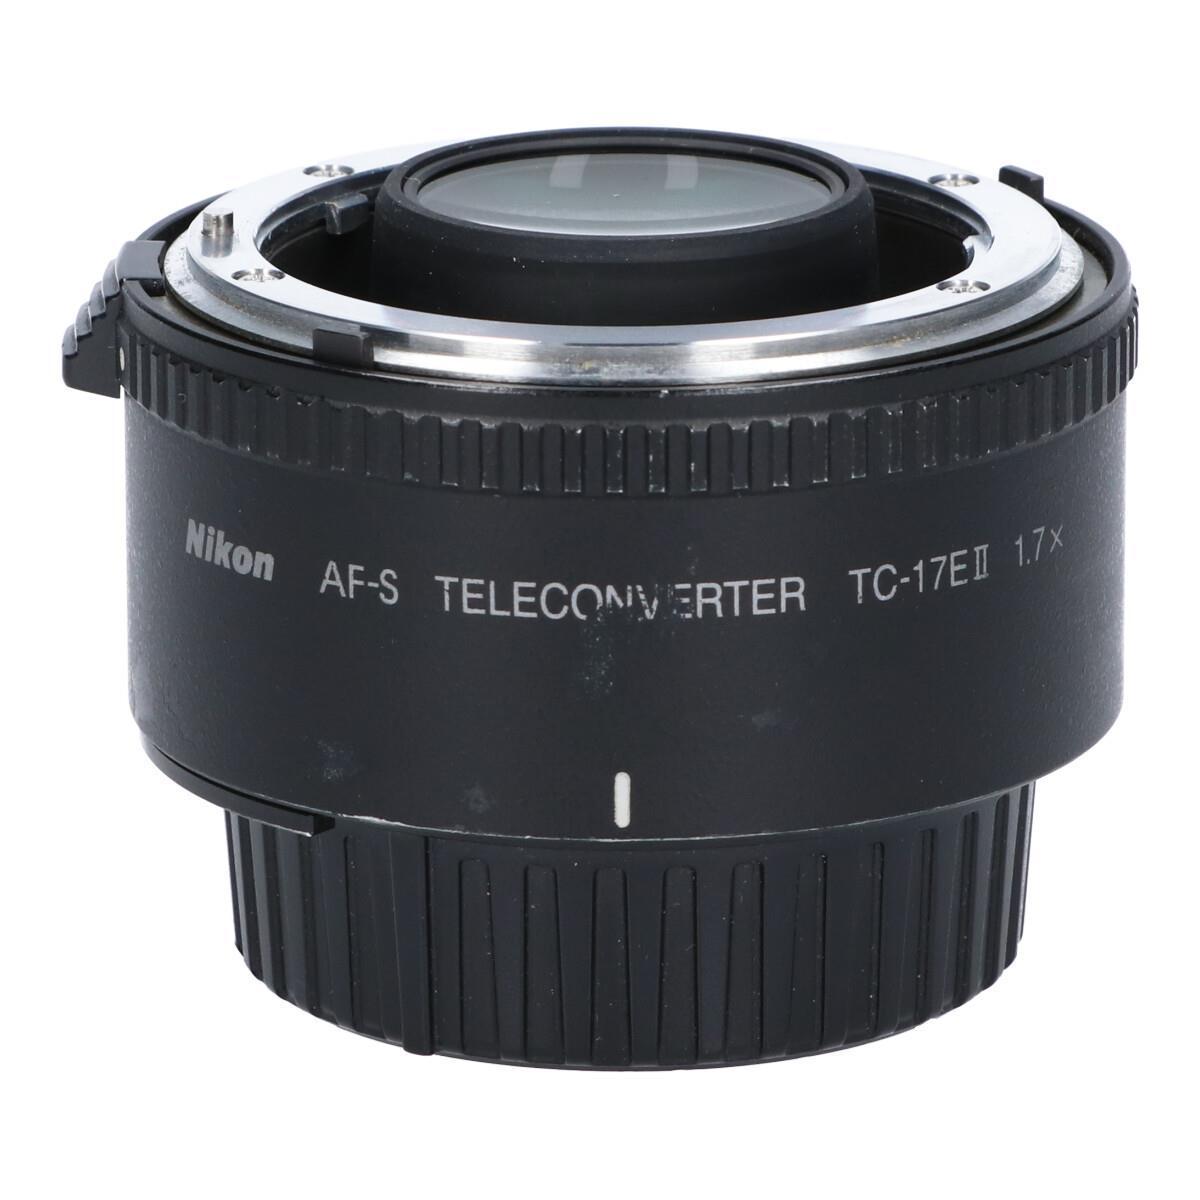 カメラ・ビデオカメラ・光学機器用アクセサリー, その他 NIKON TC17EII